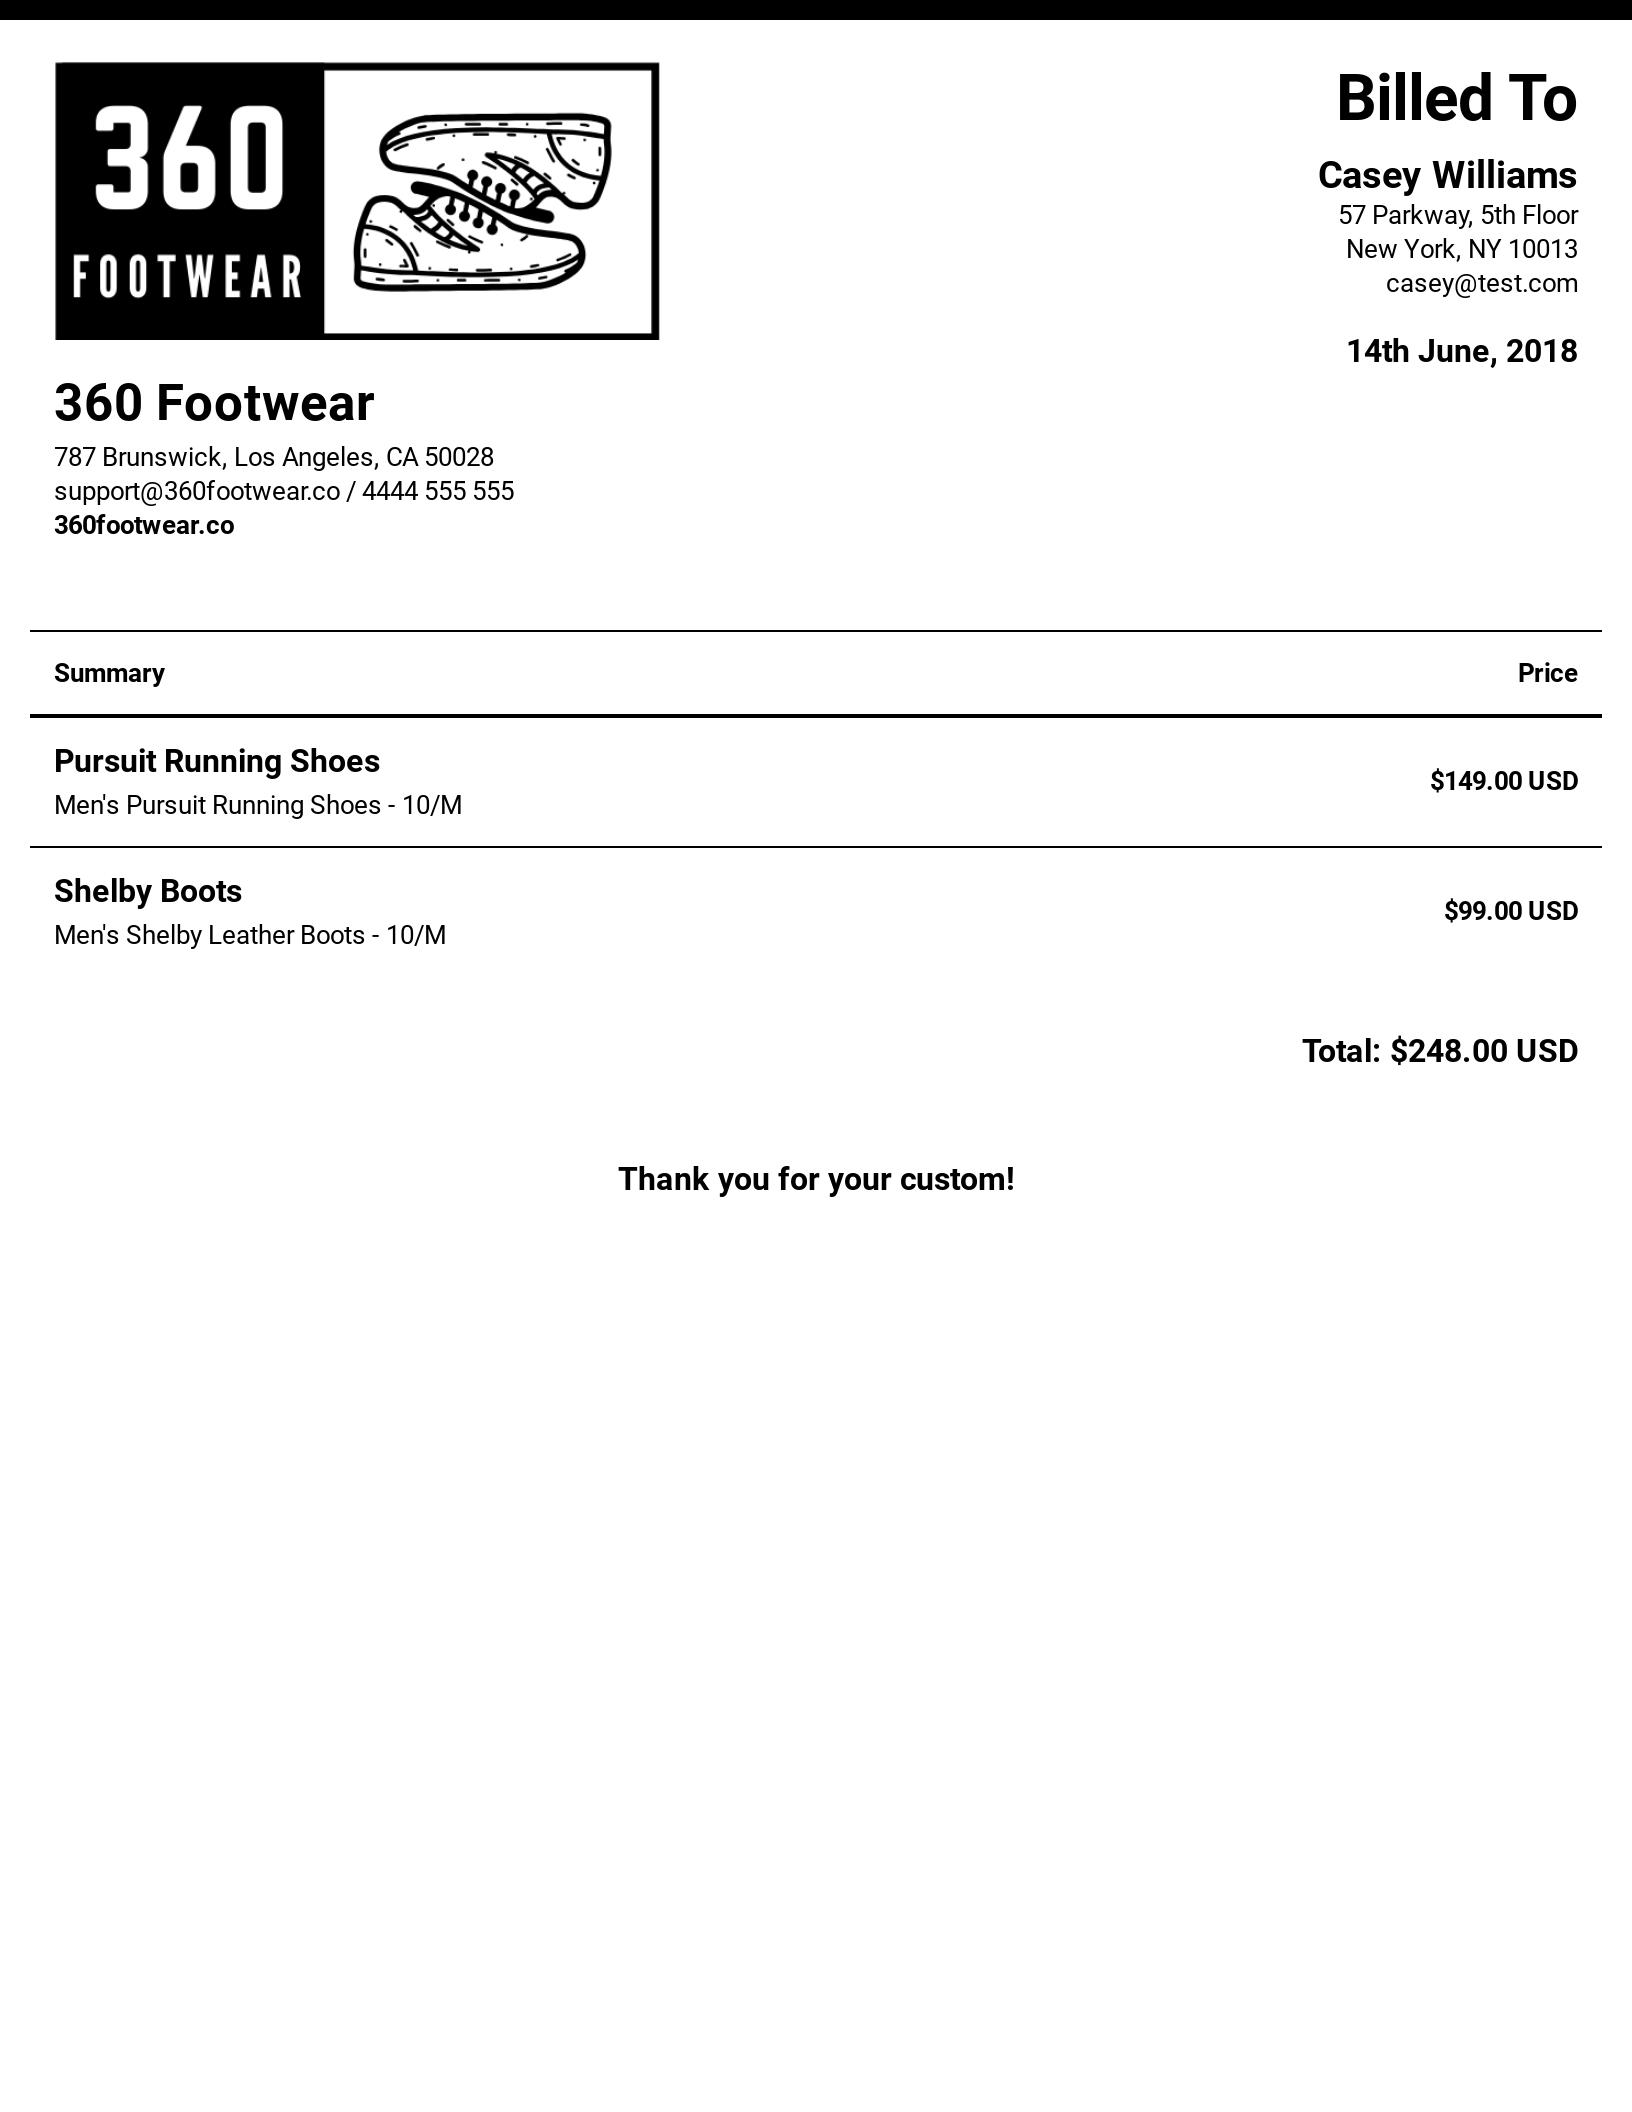 Responsive invoice